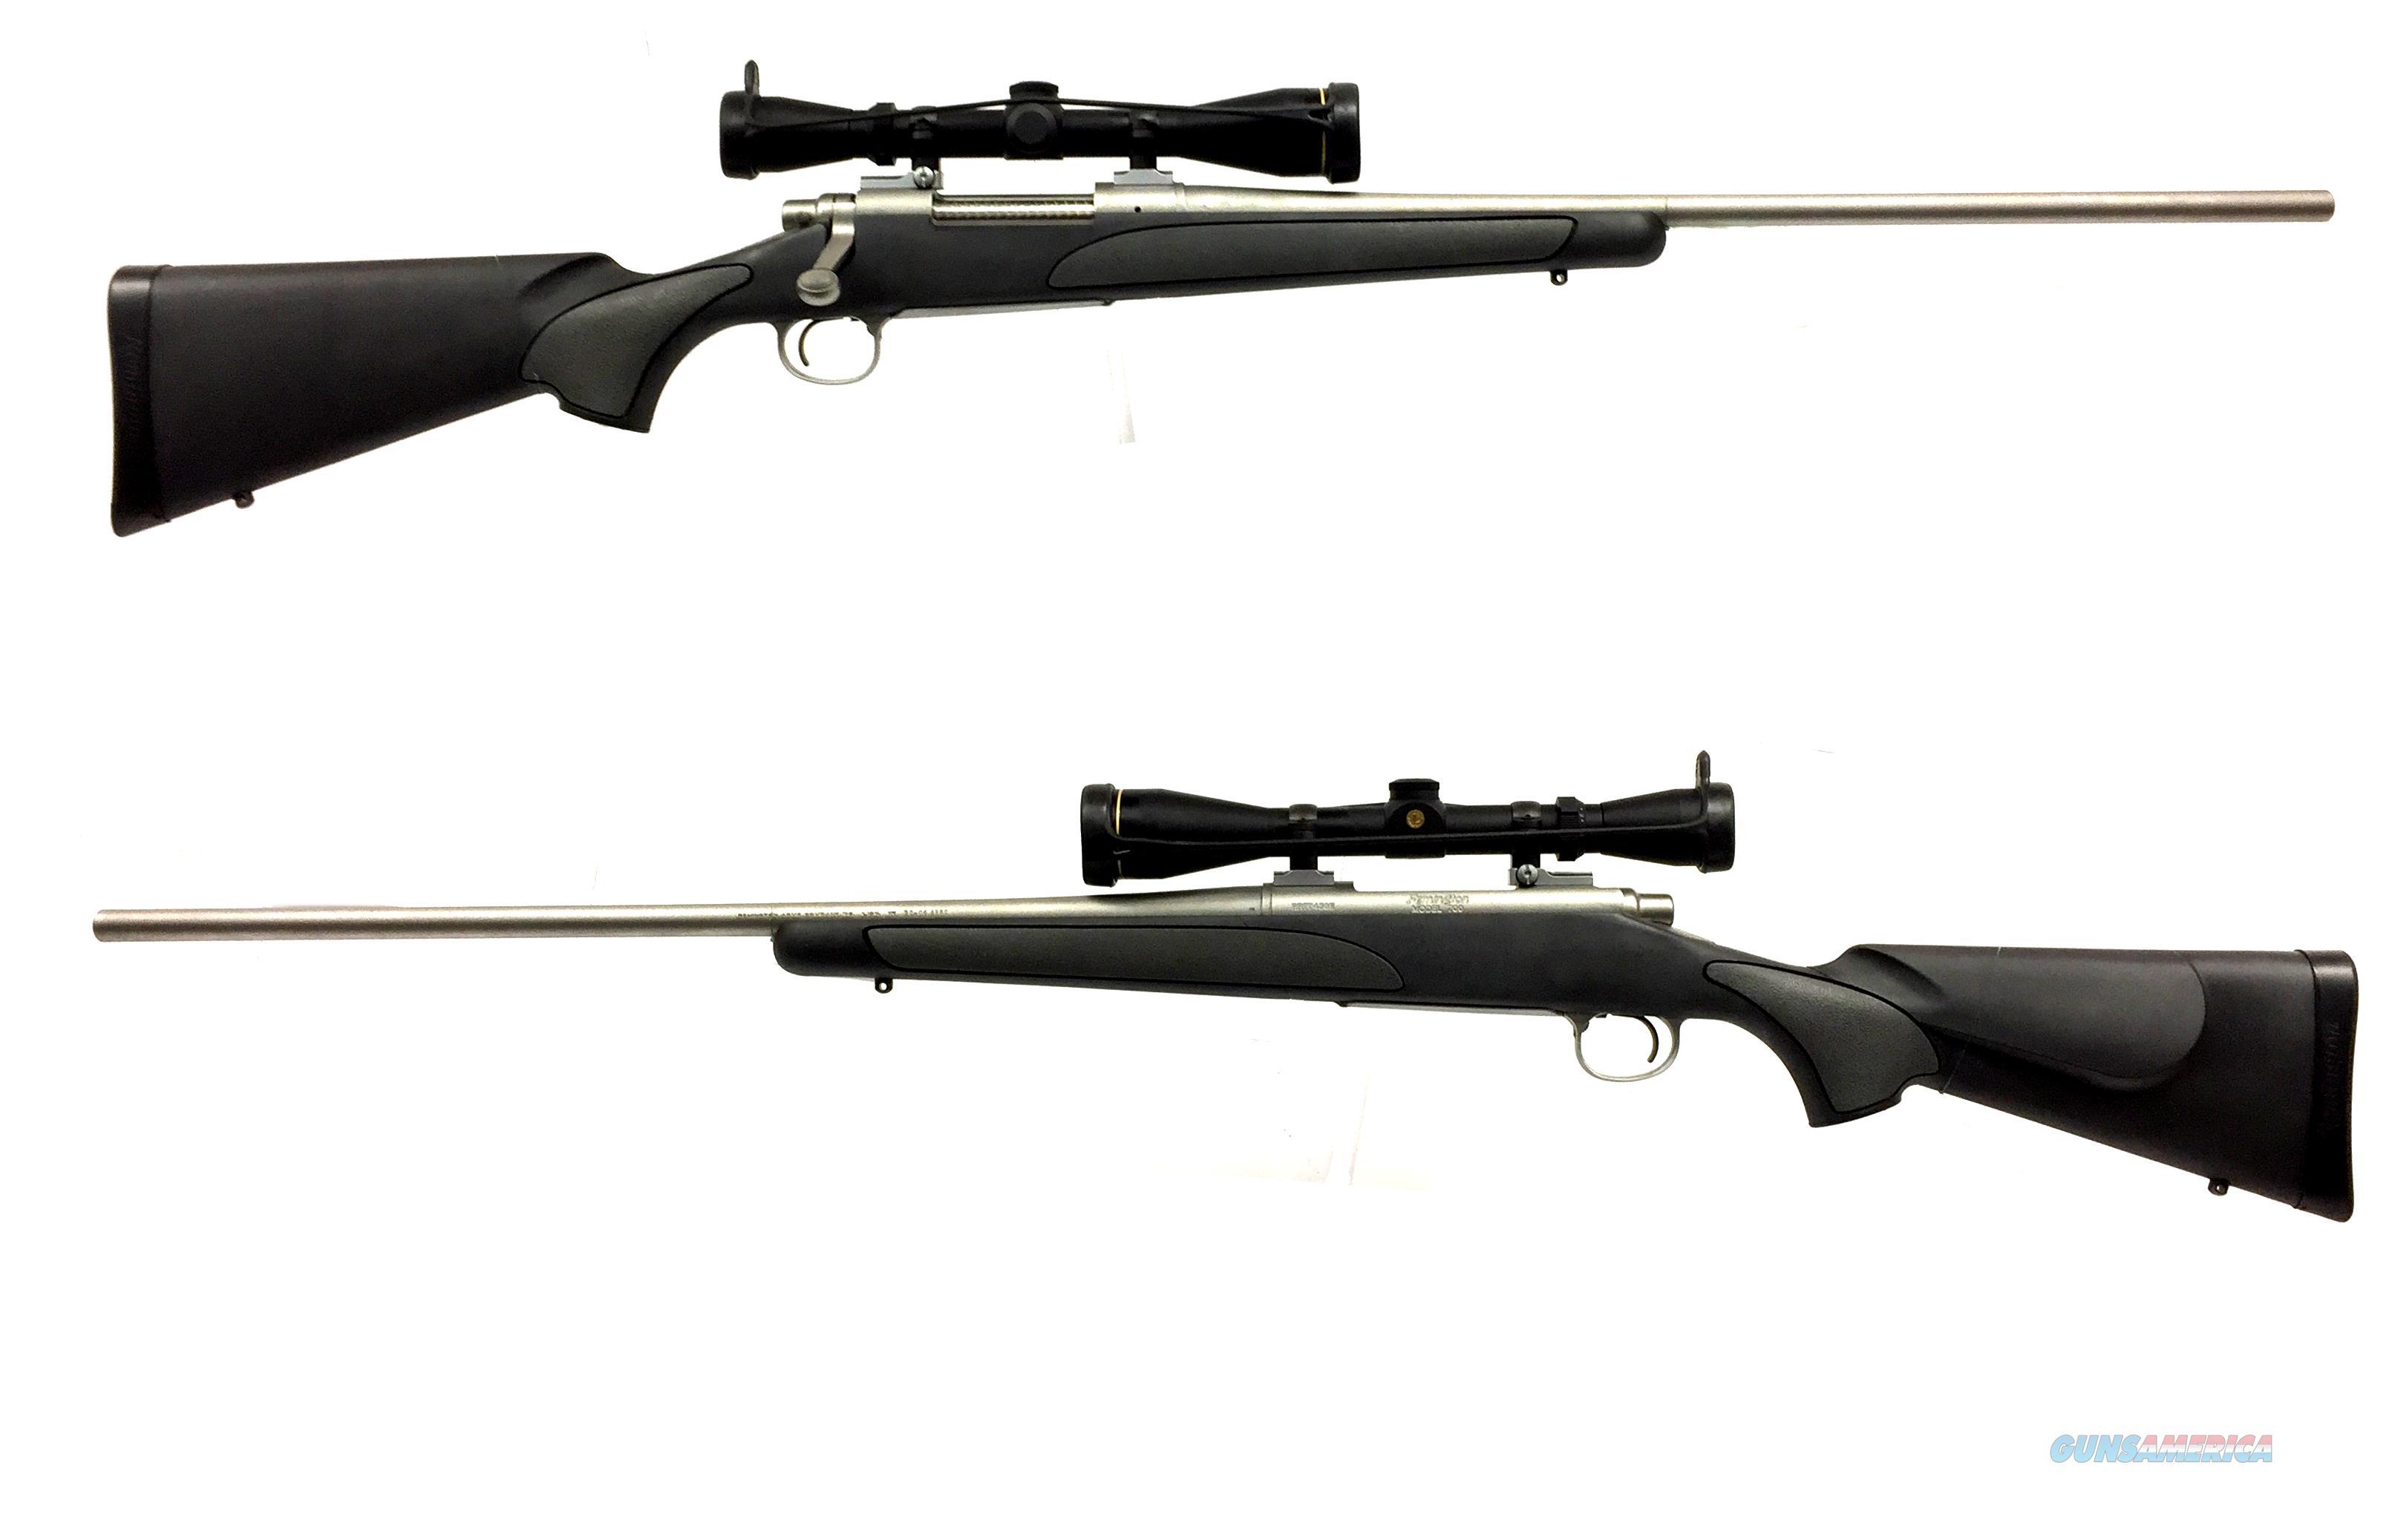 Remington 700 SPS .30-06 W/ Leupold Scope  Guns > Rifles > Remington Rifles - Modern > Model 700 > Sporting